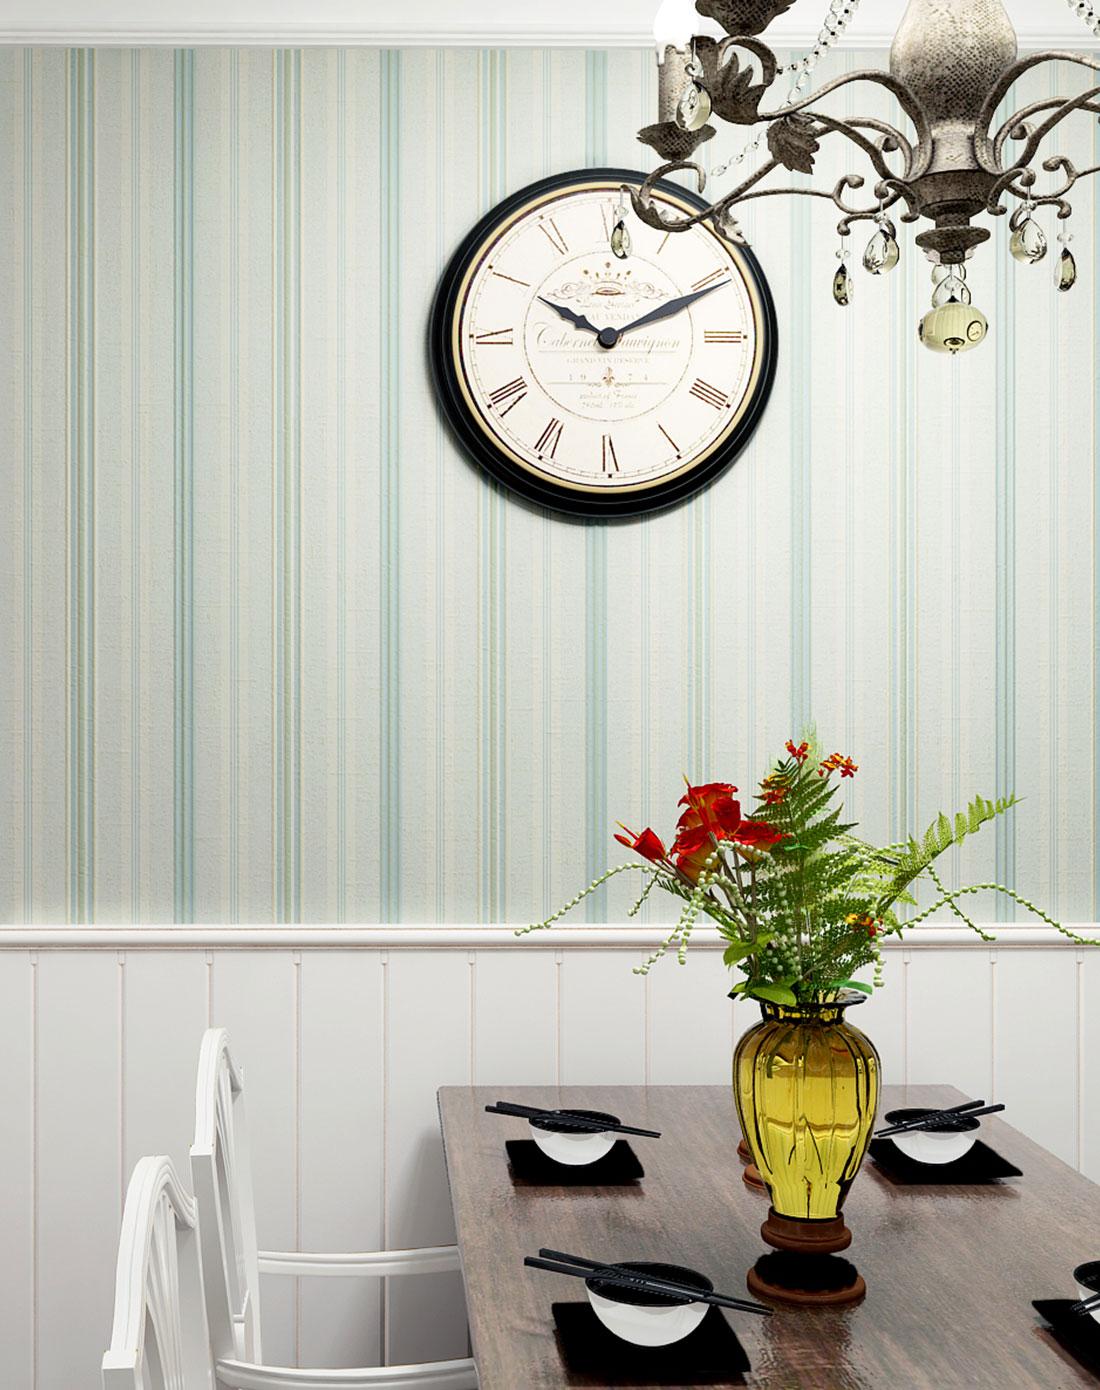 浅蓝美式简约大气纯纸墙纸图片